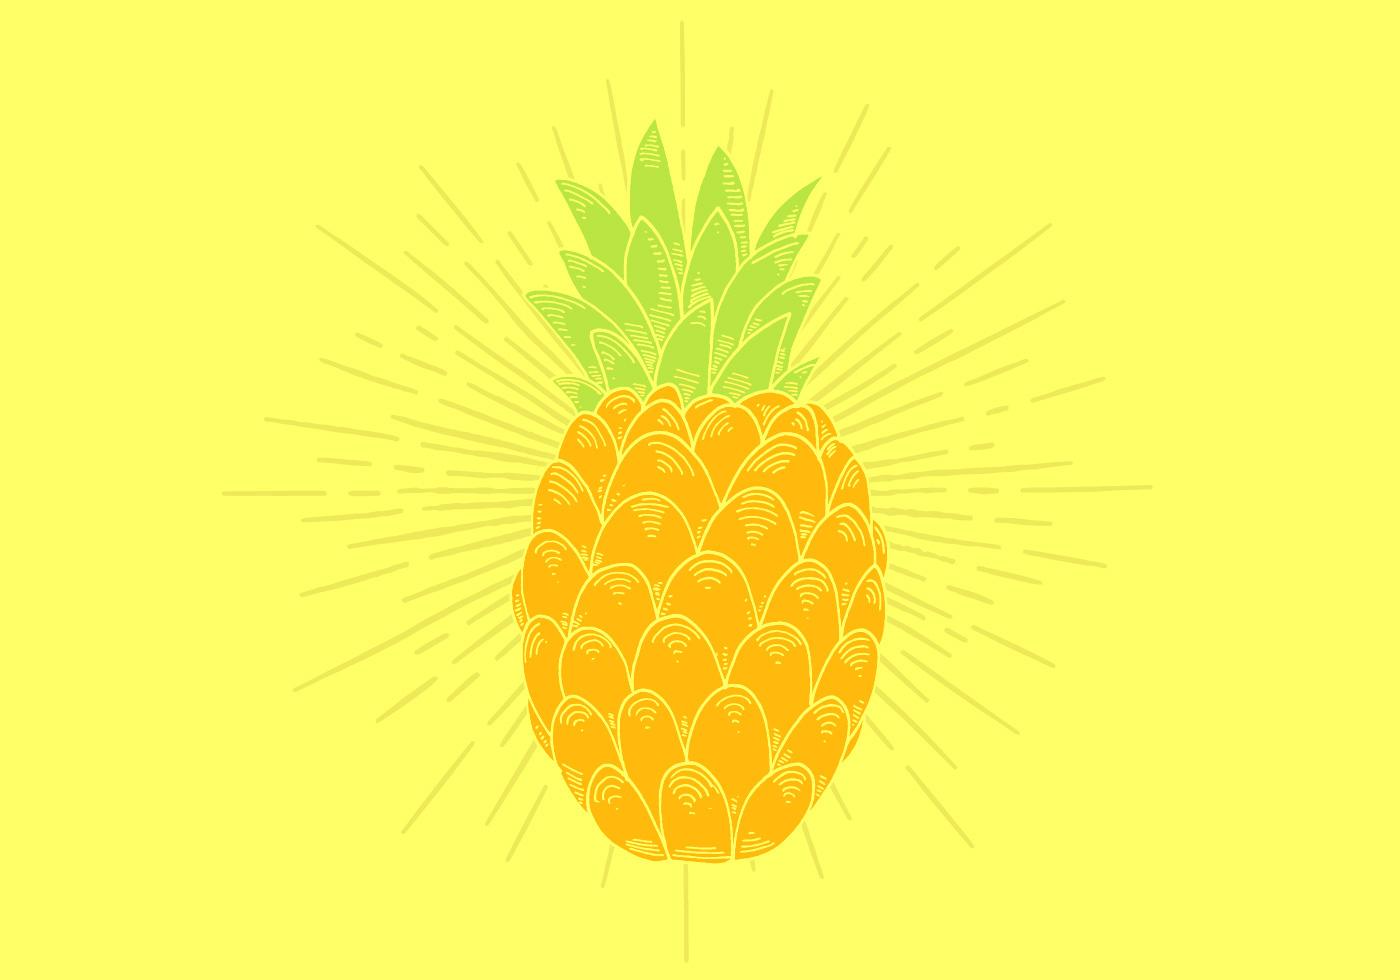 Pineapple Vector - Download Free Vector Art, Stock ...